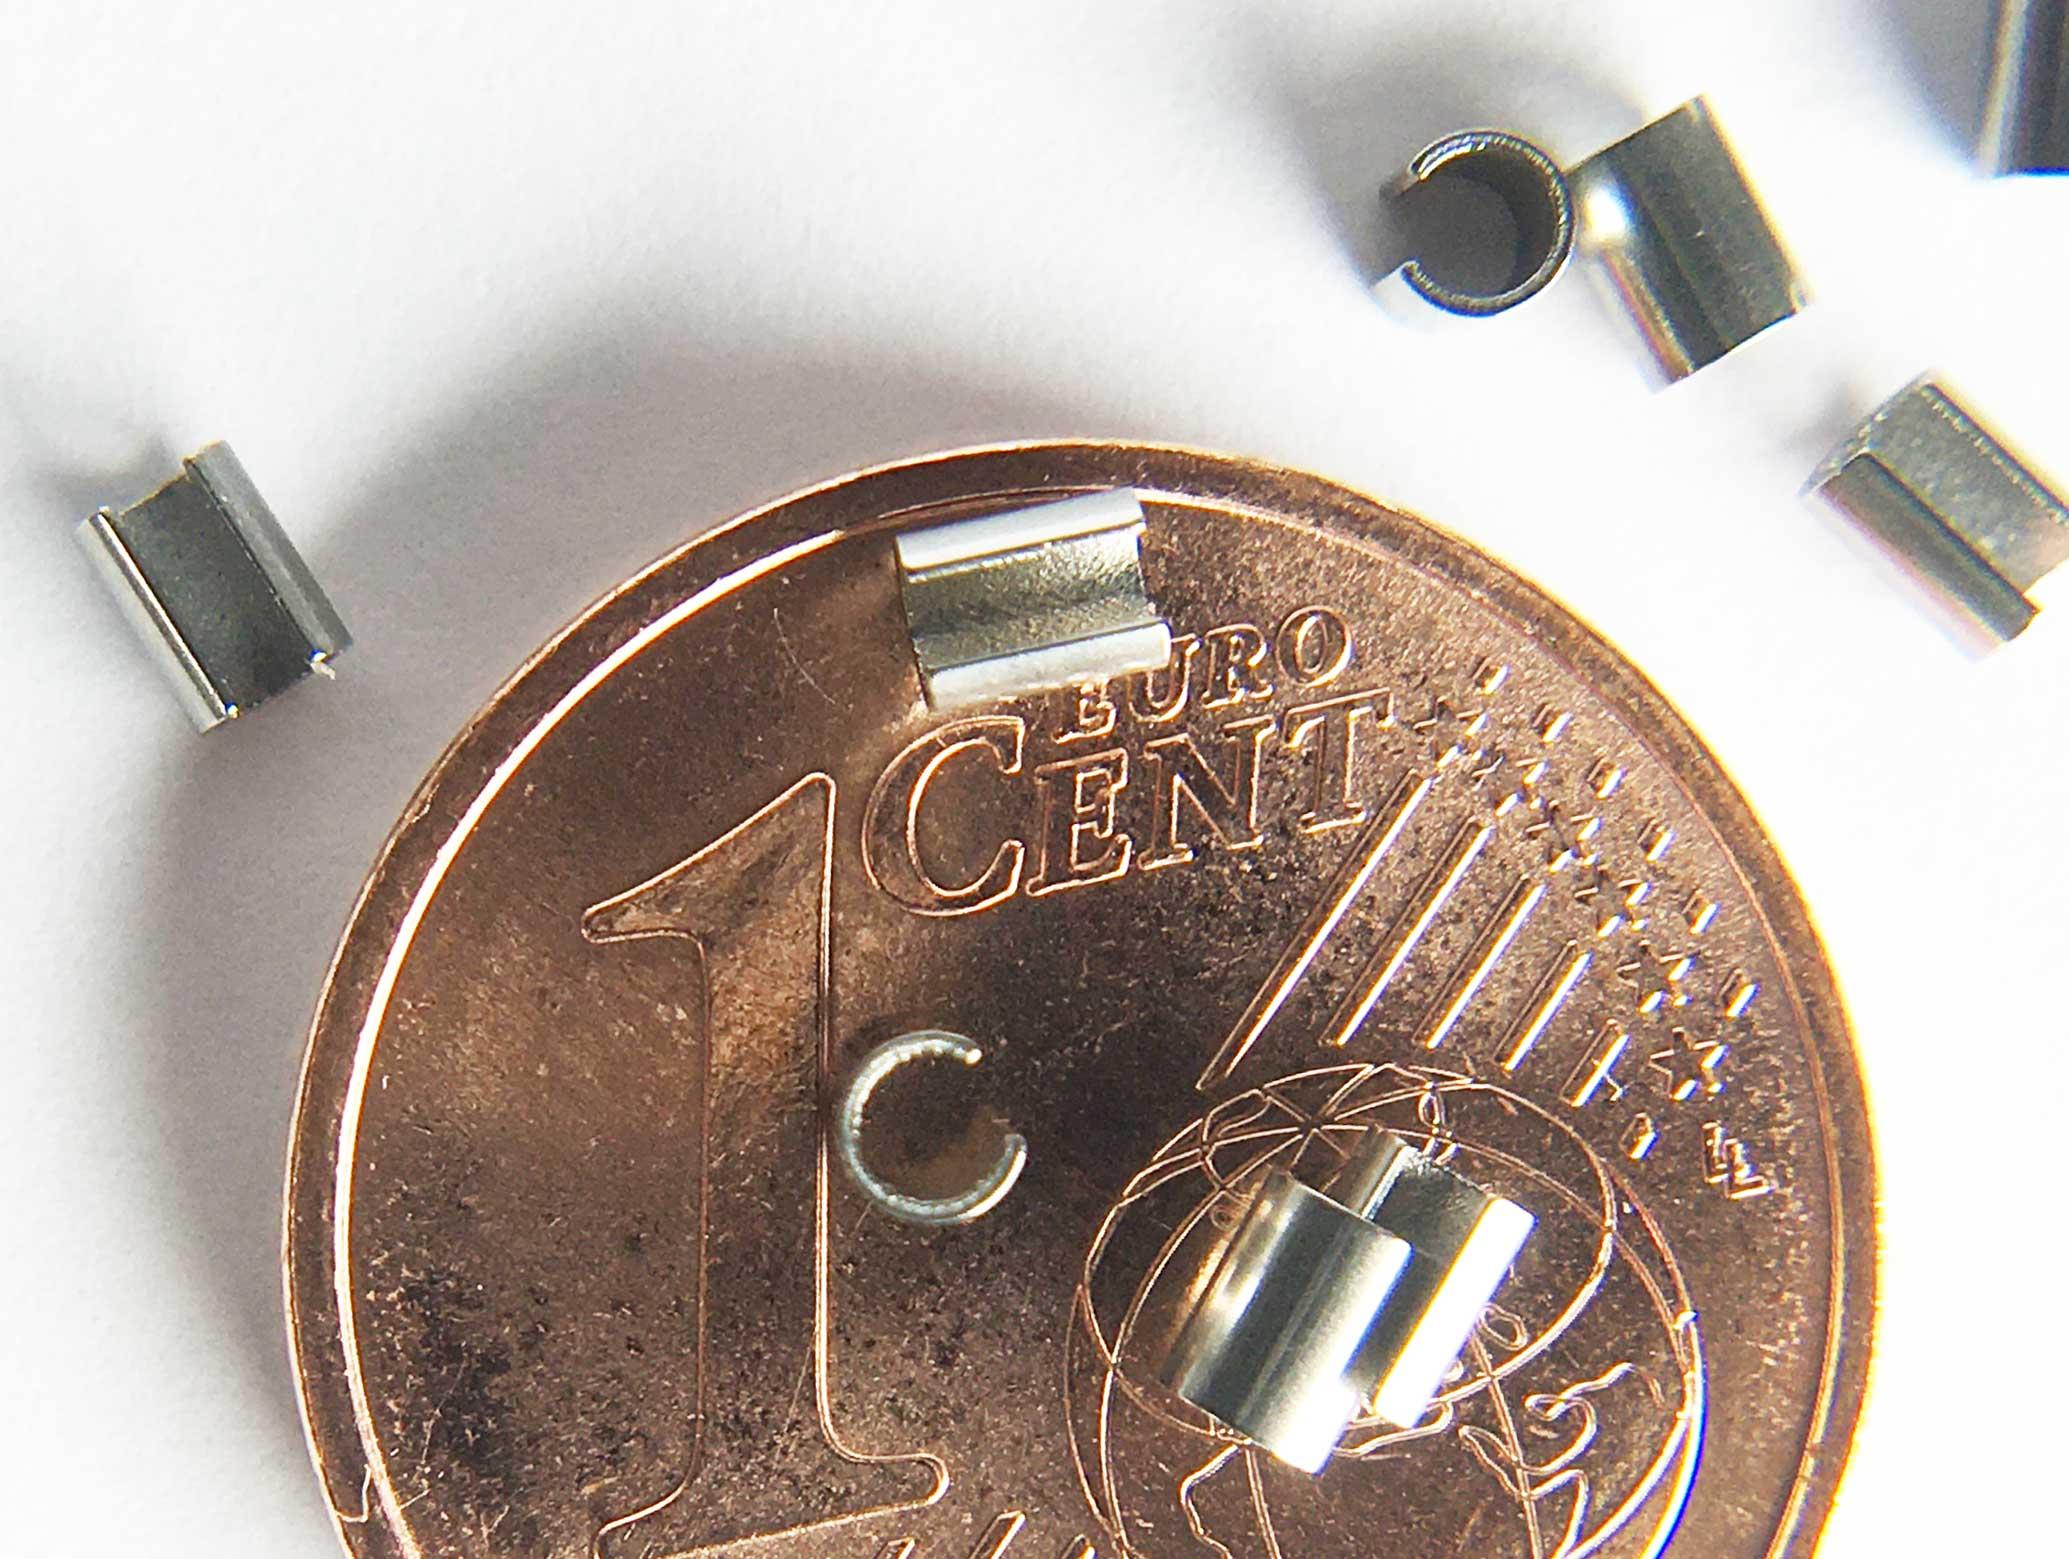 """SMT-Präzisionsröhrchen Coil reactivating clips RC01 Originalgröße im Vergleich mit 1 Cent Münze Innendurchmesser 1,5 mm / 0.06"""" Außendurchmesser 1,9 mm Länge 2,5 mm"""